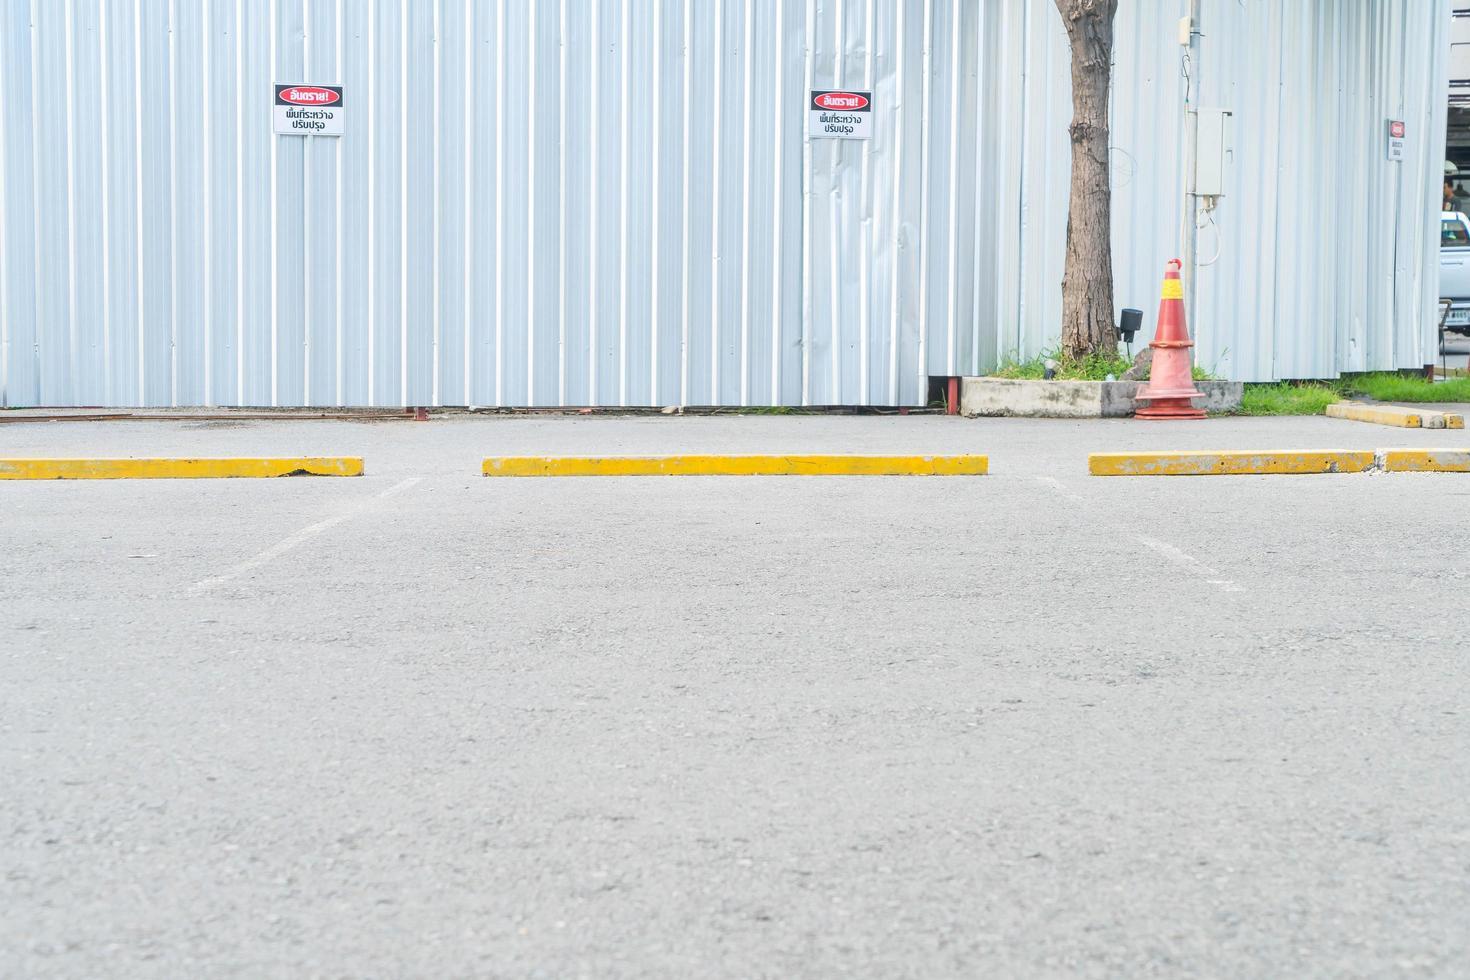 leeres parkendes auto für hintergrund foto